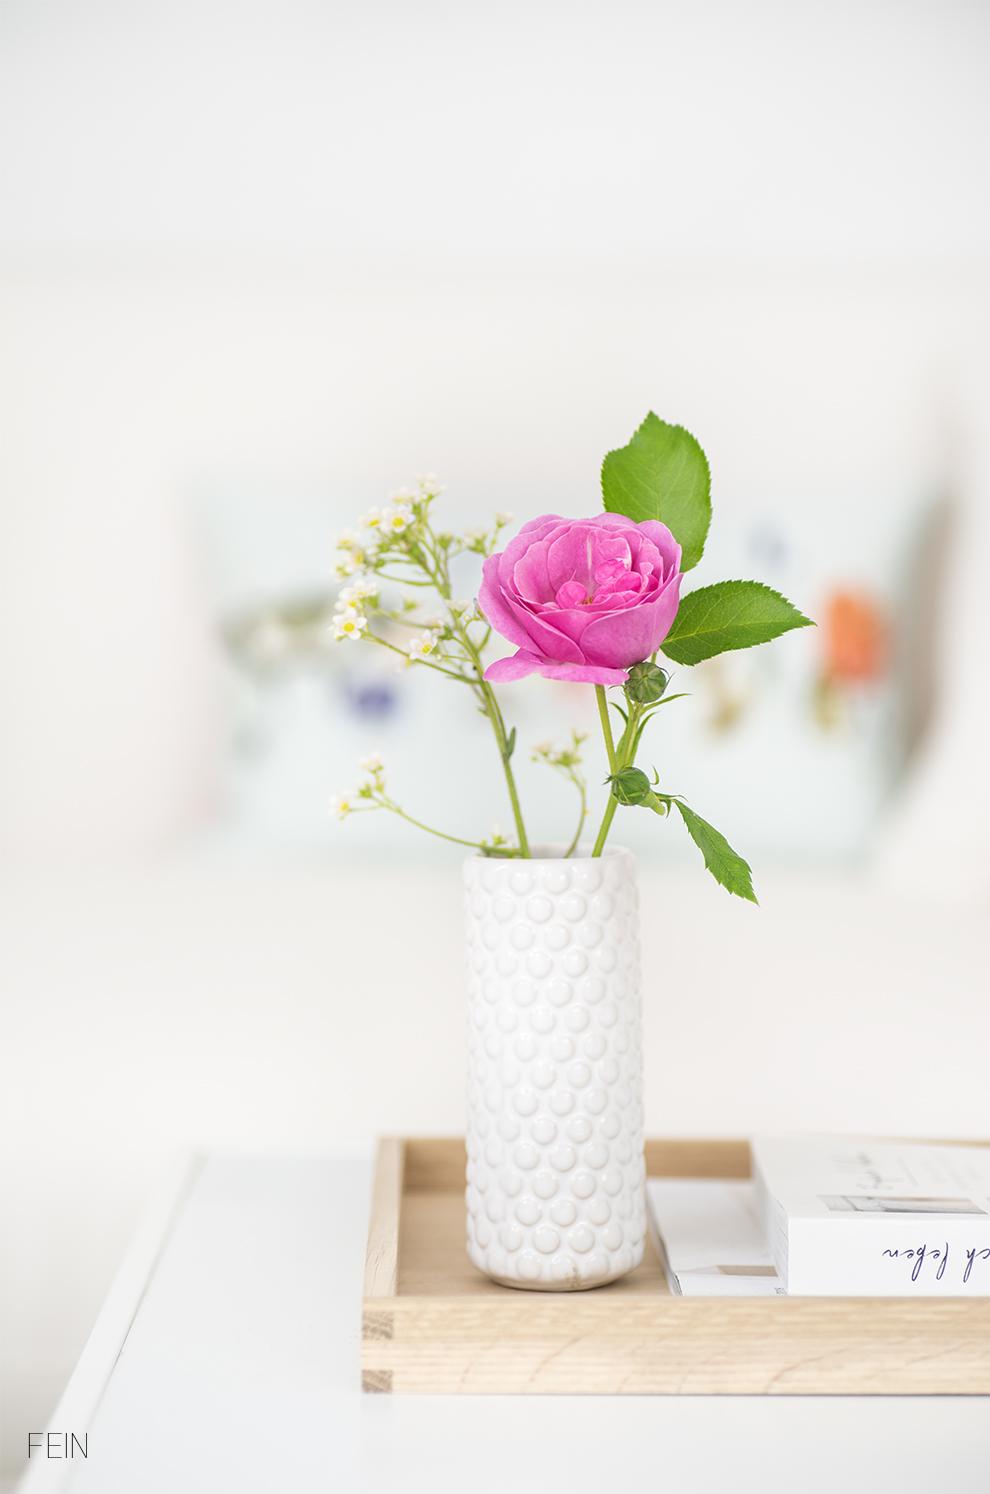 Sommerwiese Wohnzimmer Rose